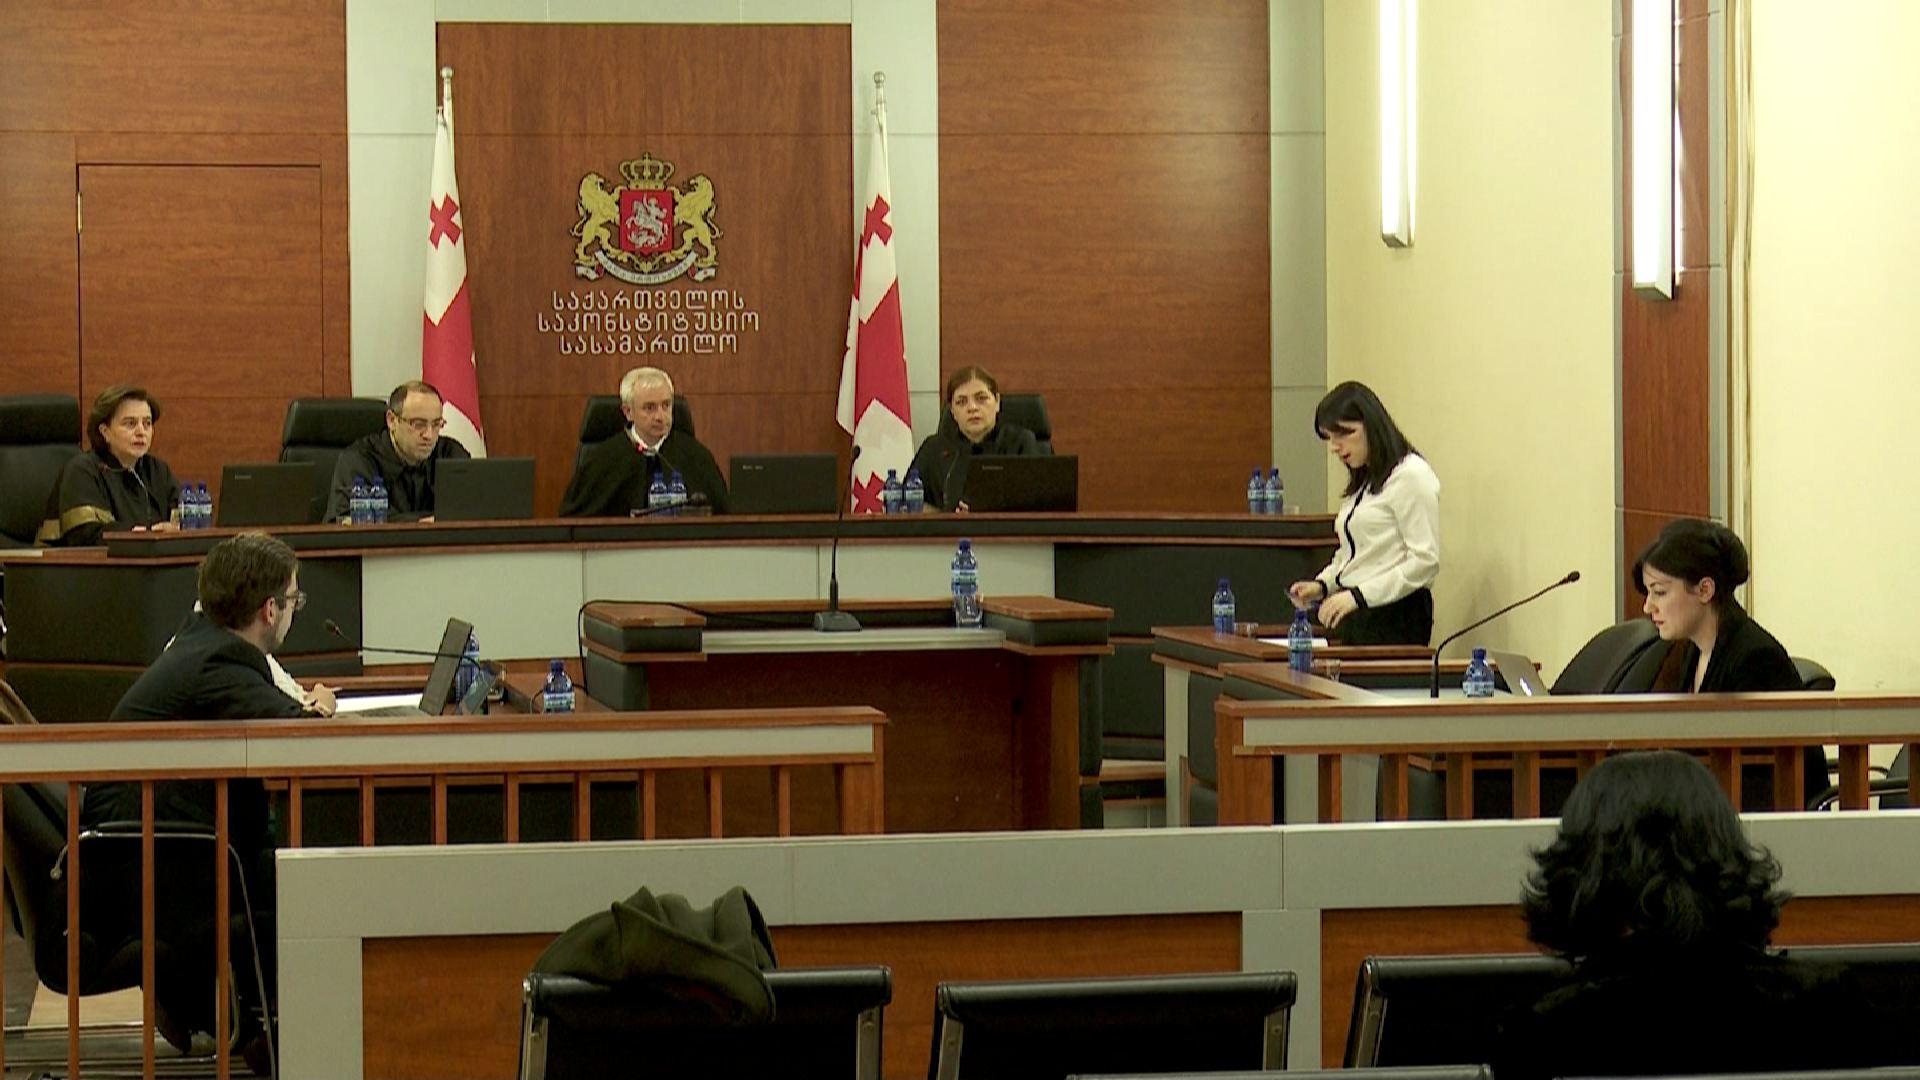 კანონმდებლობა - განხილოვა საკონსტიტუციო სასამართლოში